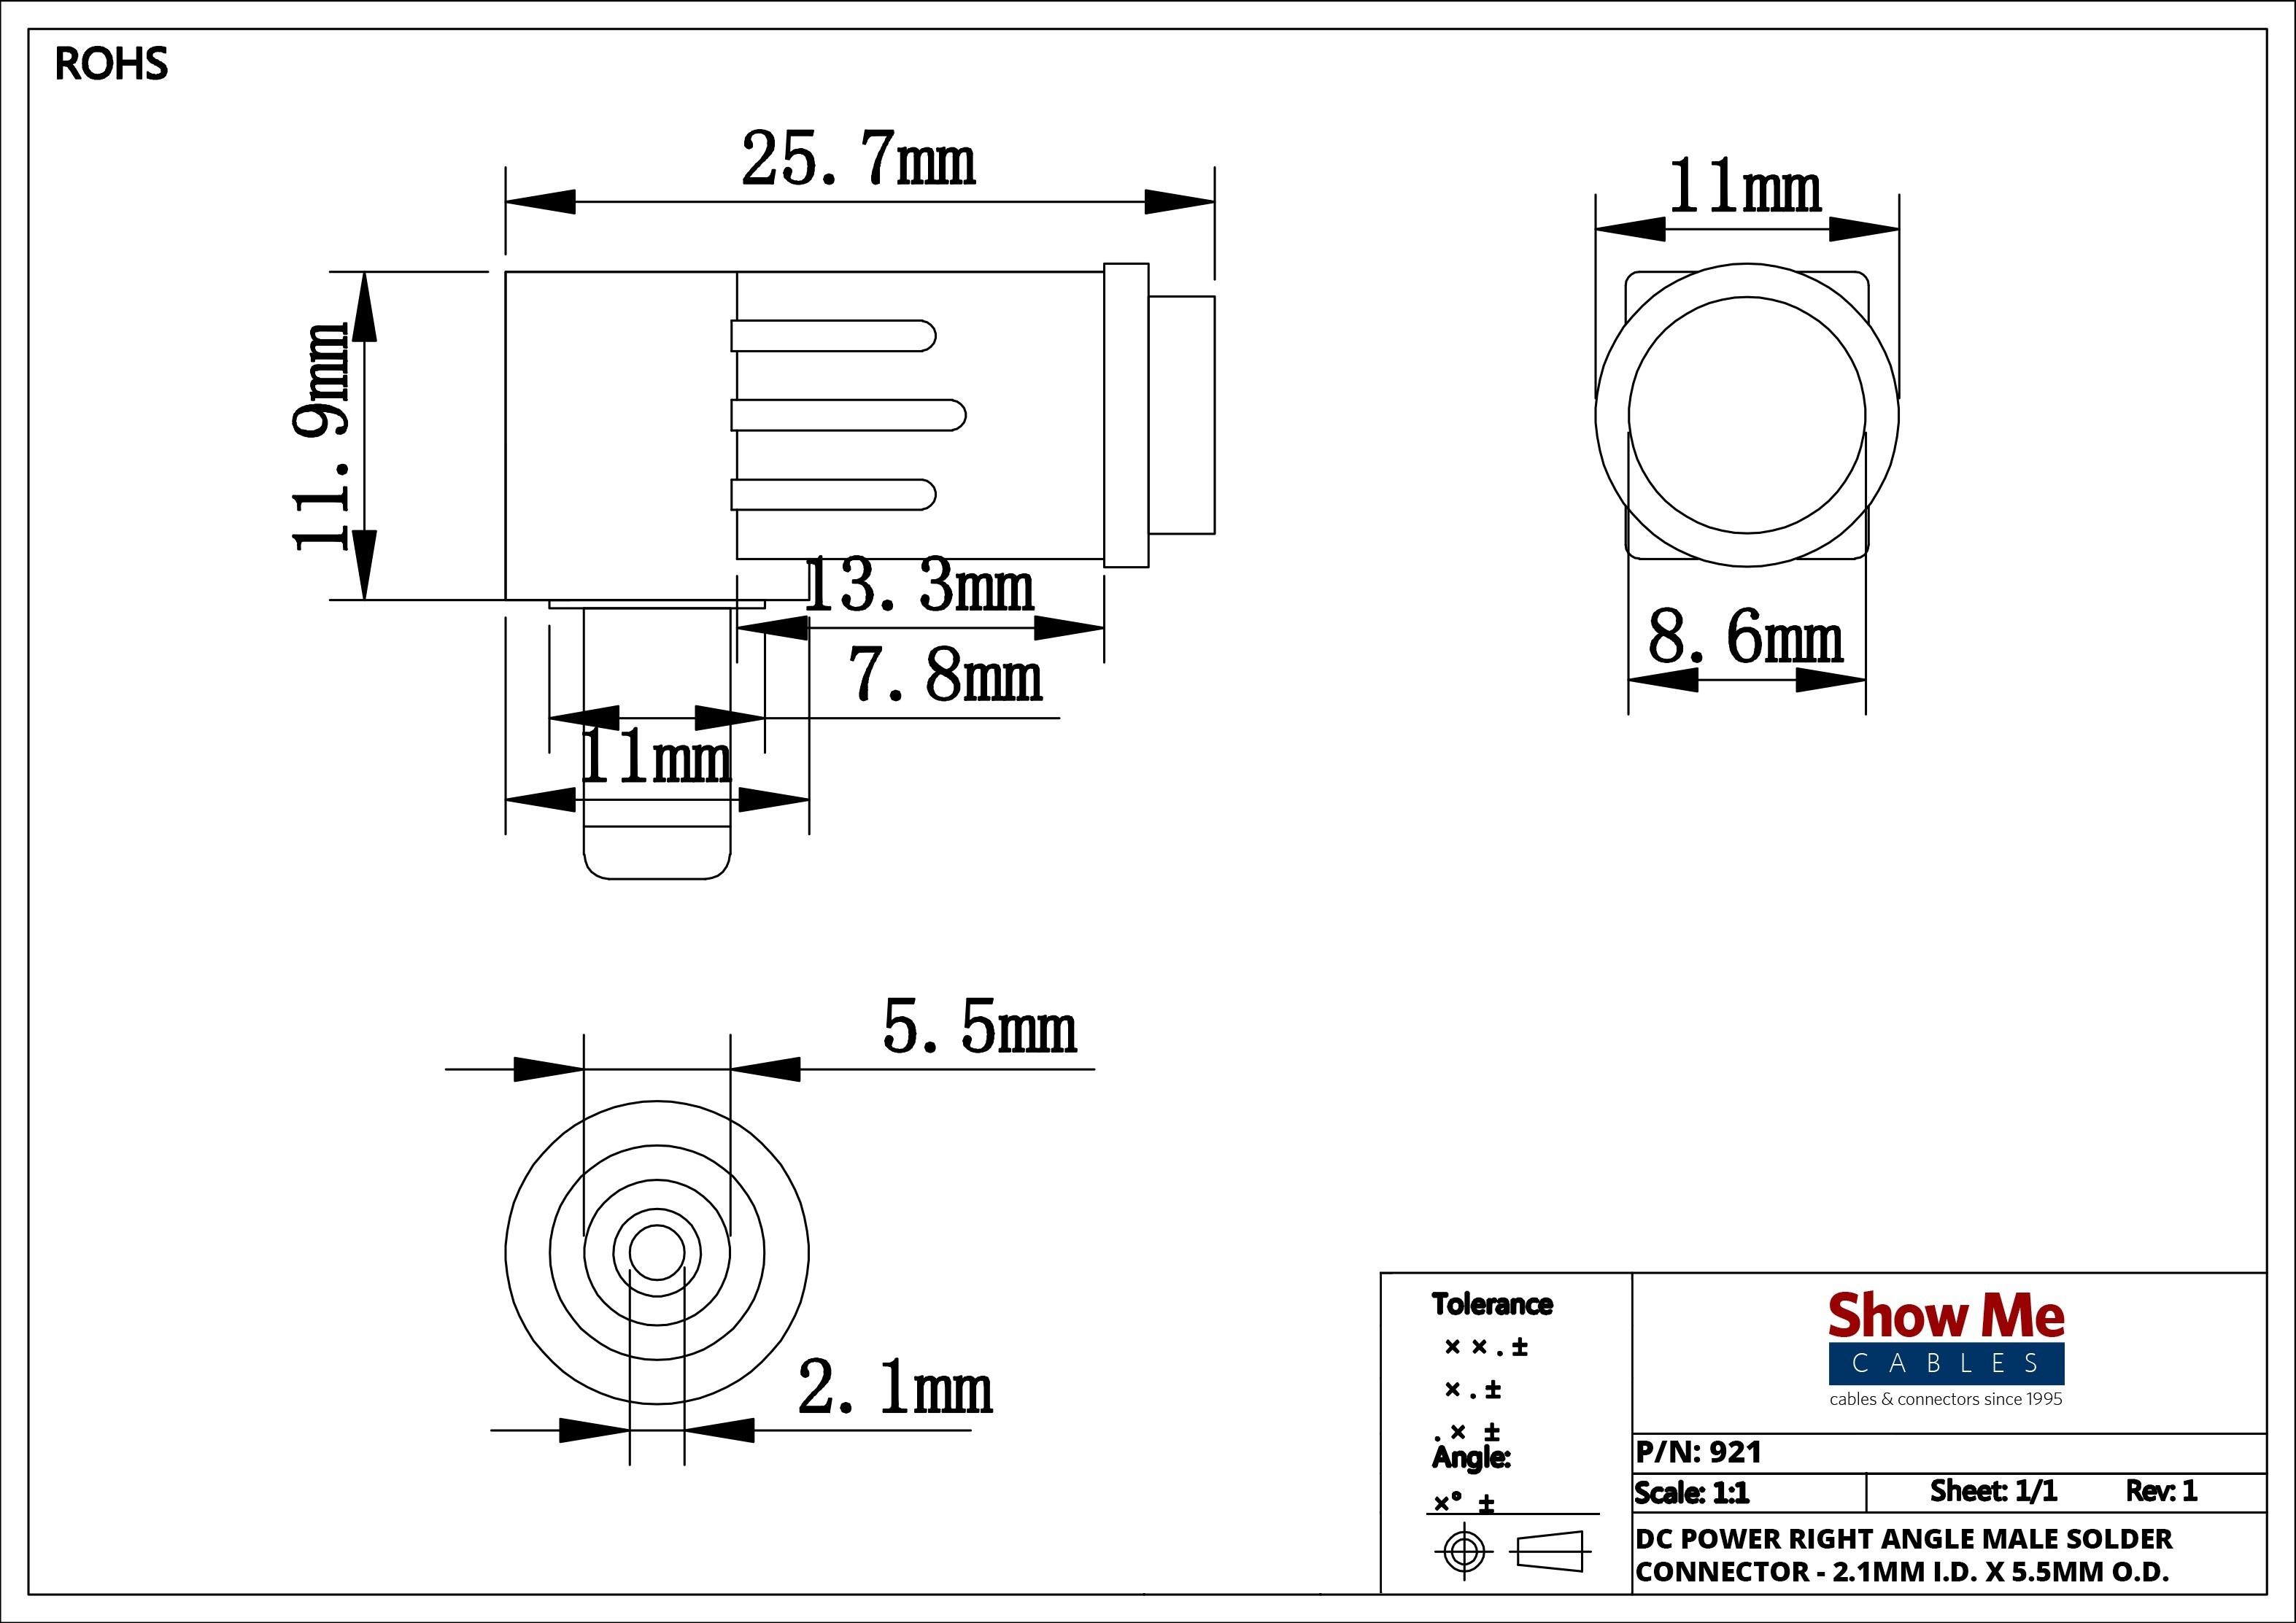 terminal block wiring diagram Collection-terminal block wiring diagram Collection 3 5 Mm Jack Wiring Diagram Fresh 2 5mm Id DOWNLOAD Wiring Diagram Sheets Detail Name terminal block 19-l